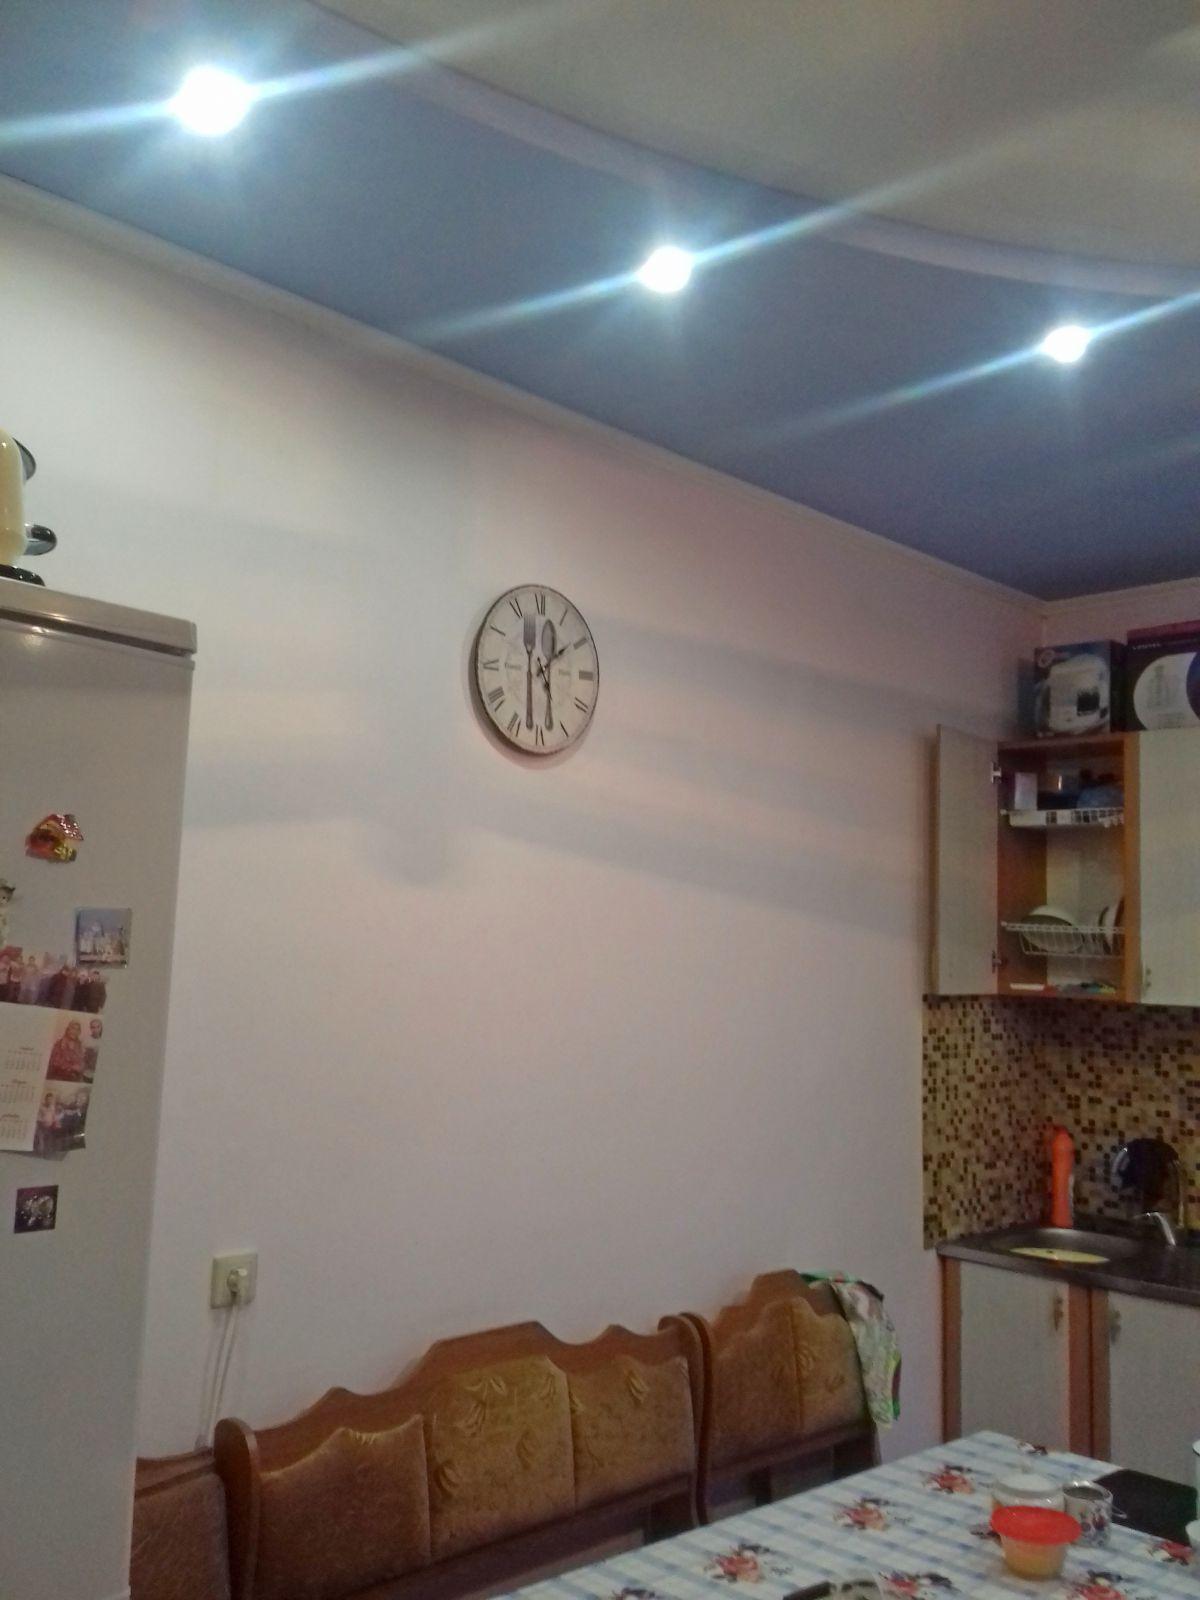 отдельно стоящий дом блочный-98 м2-74 м2 жилая,4 комнаты и кухня,с у совмещен,дизайнер ...